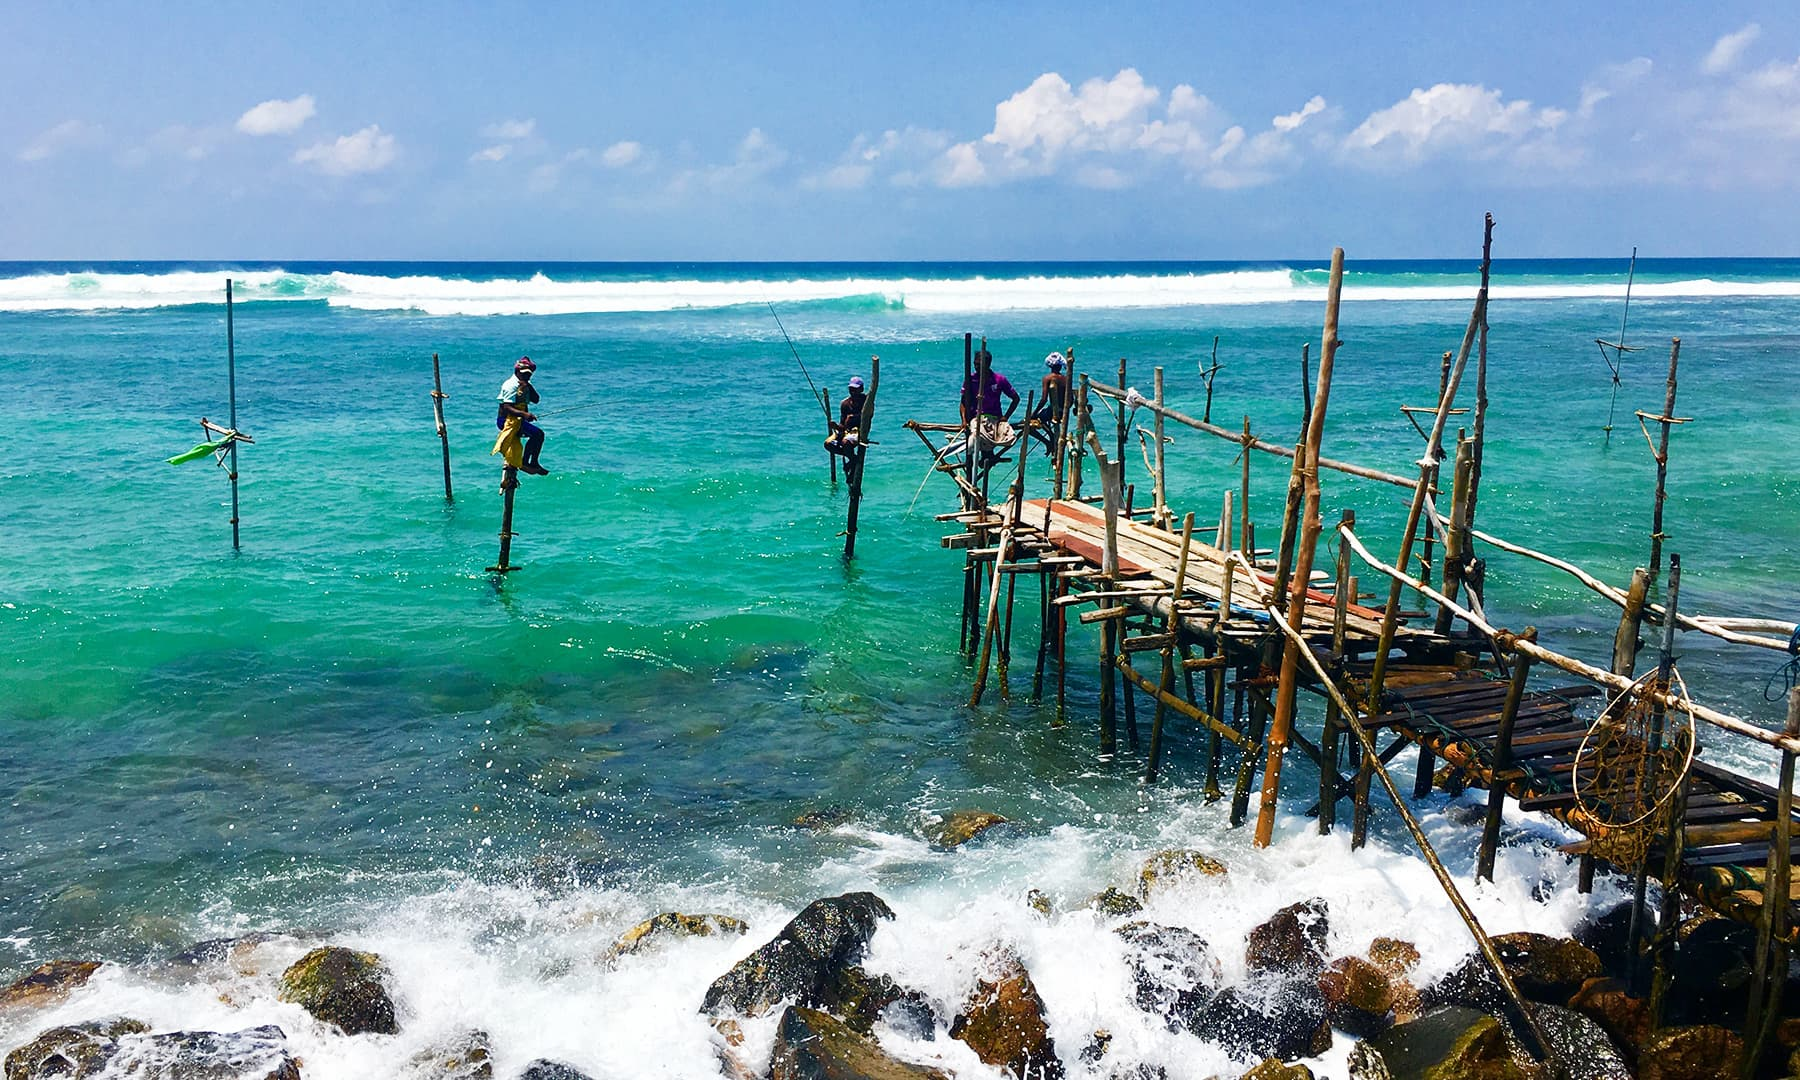 سری لنکا کا ایک ساحلی کنارہ—تصویر امتیاز احمد